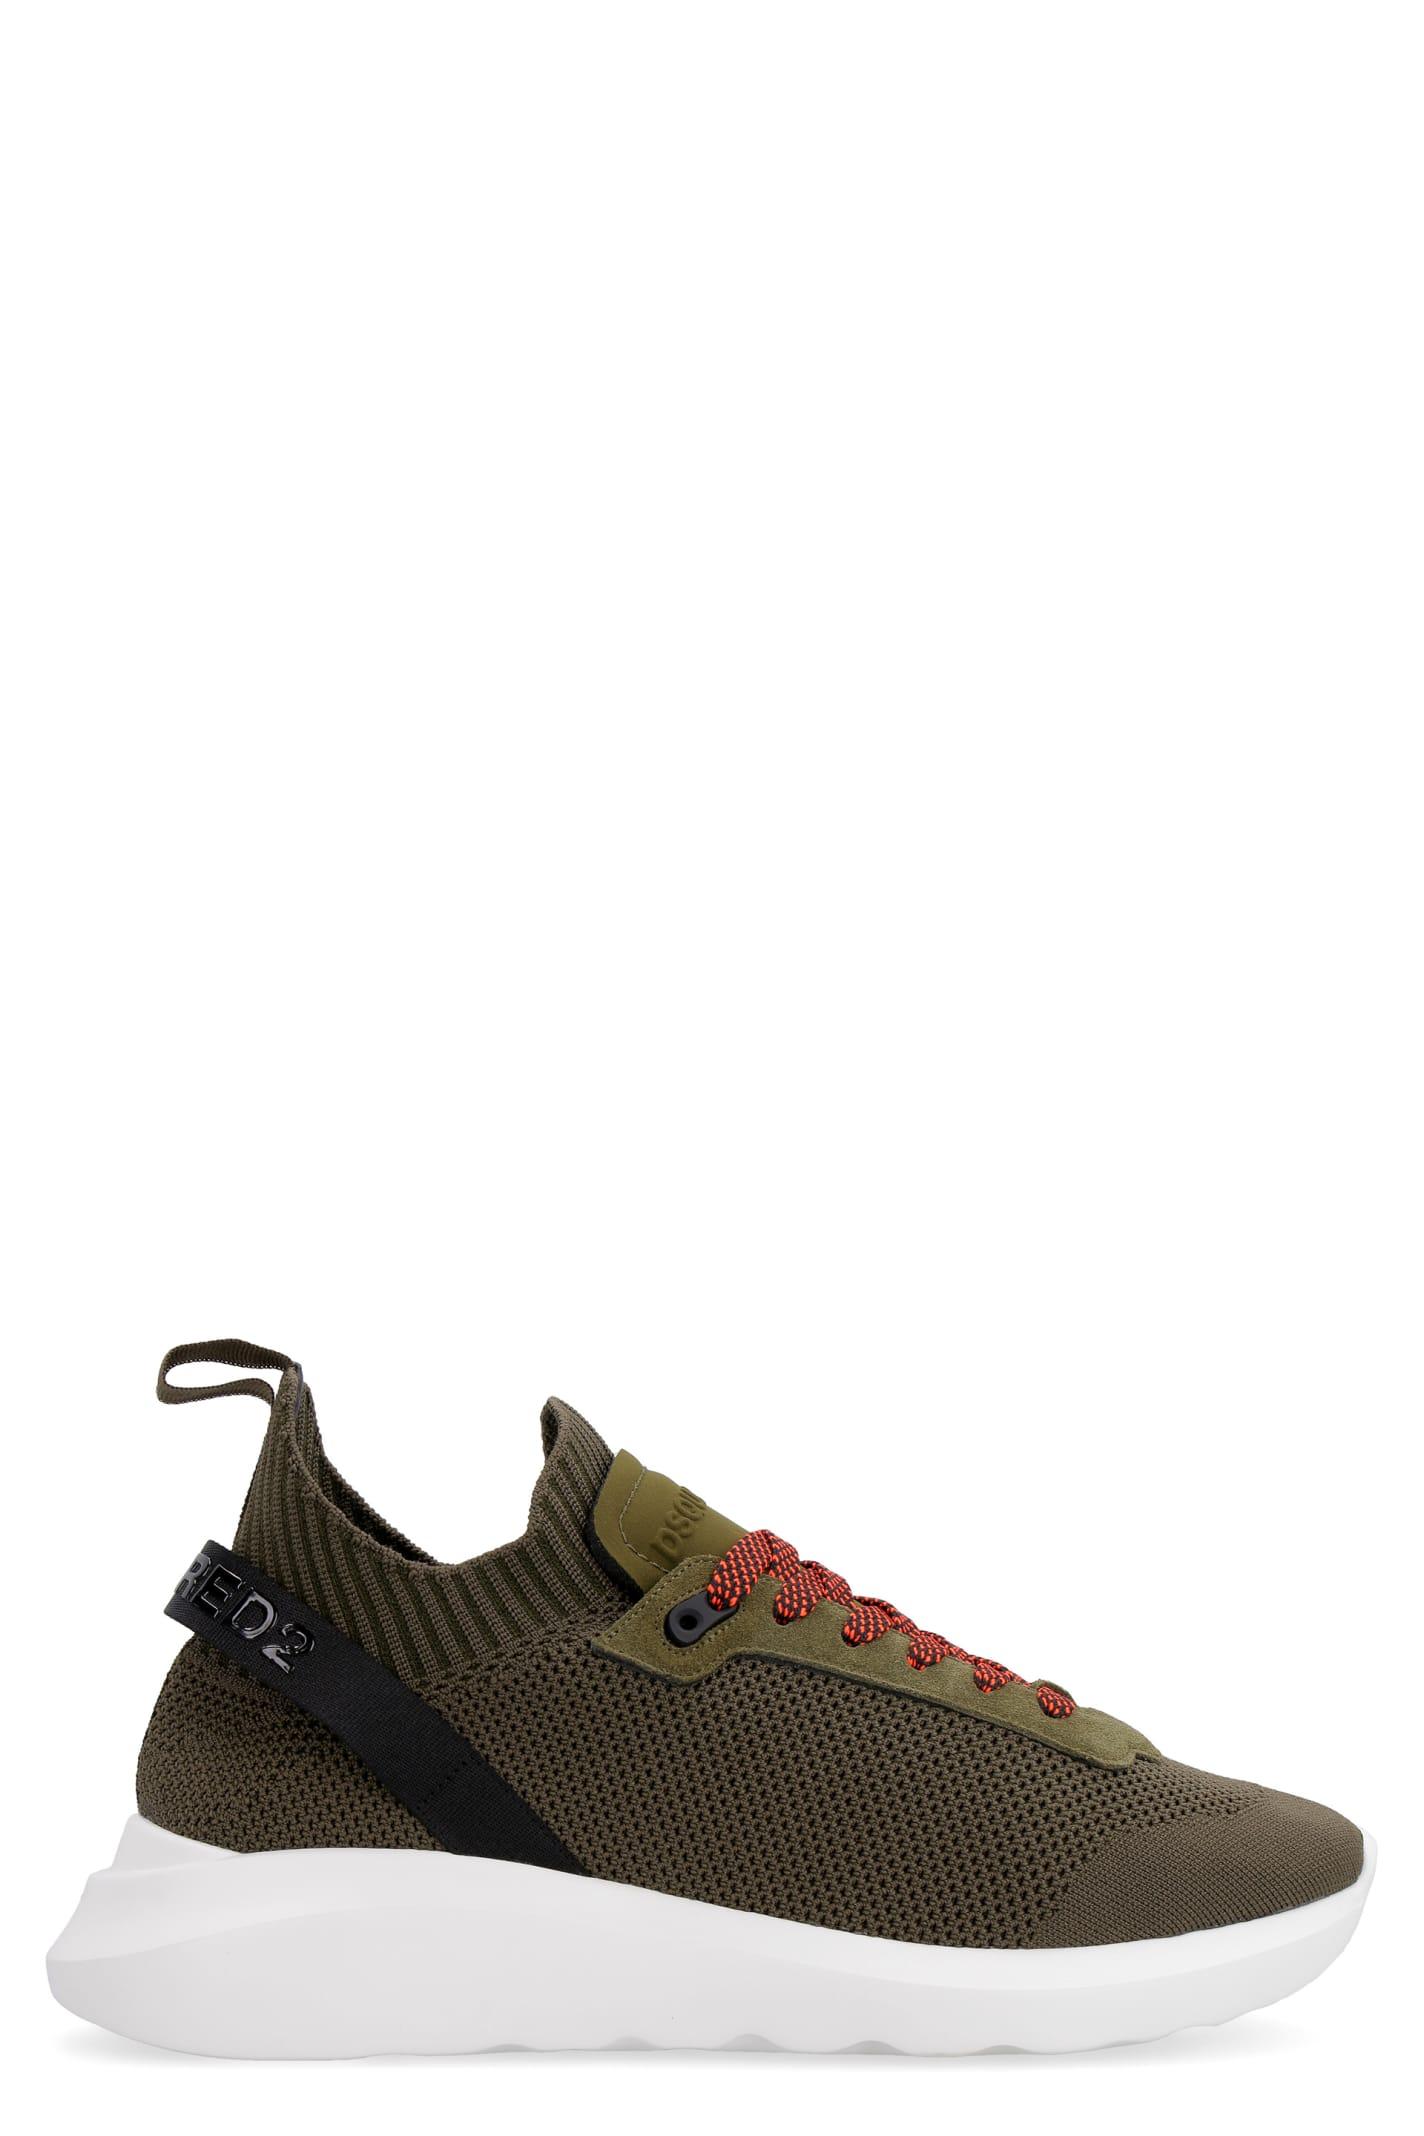 Speedster Fabric Low-top Sneakers